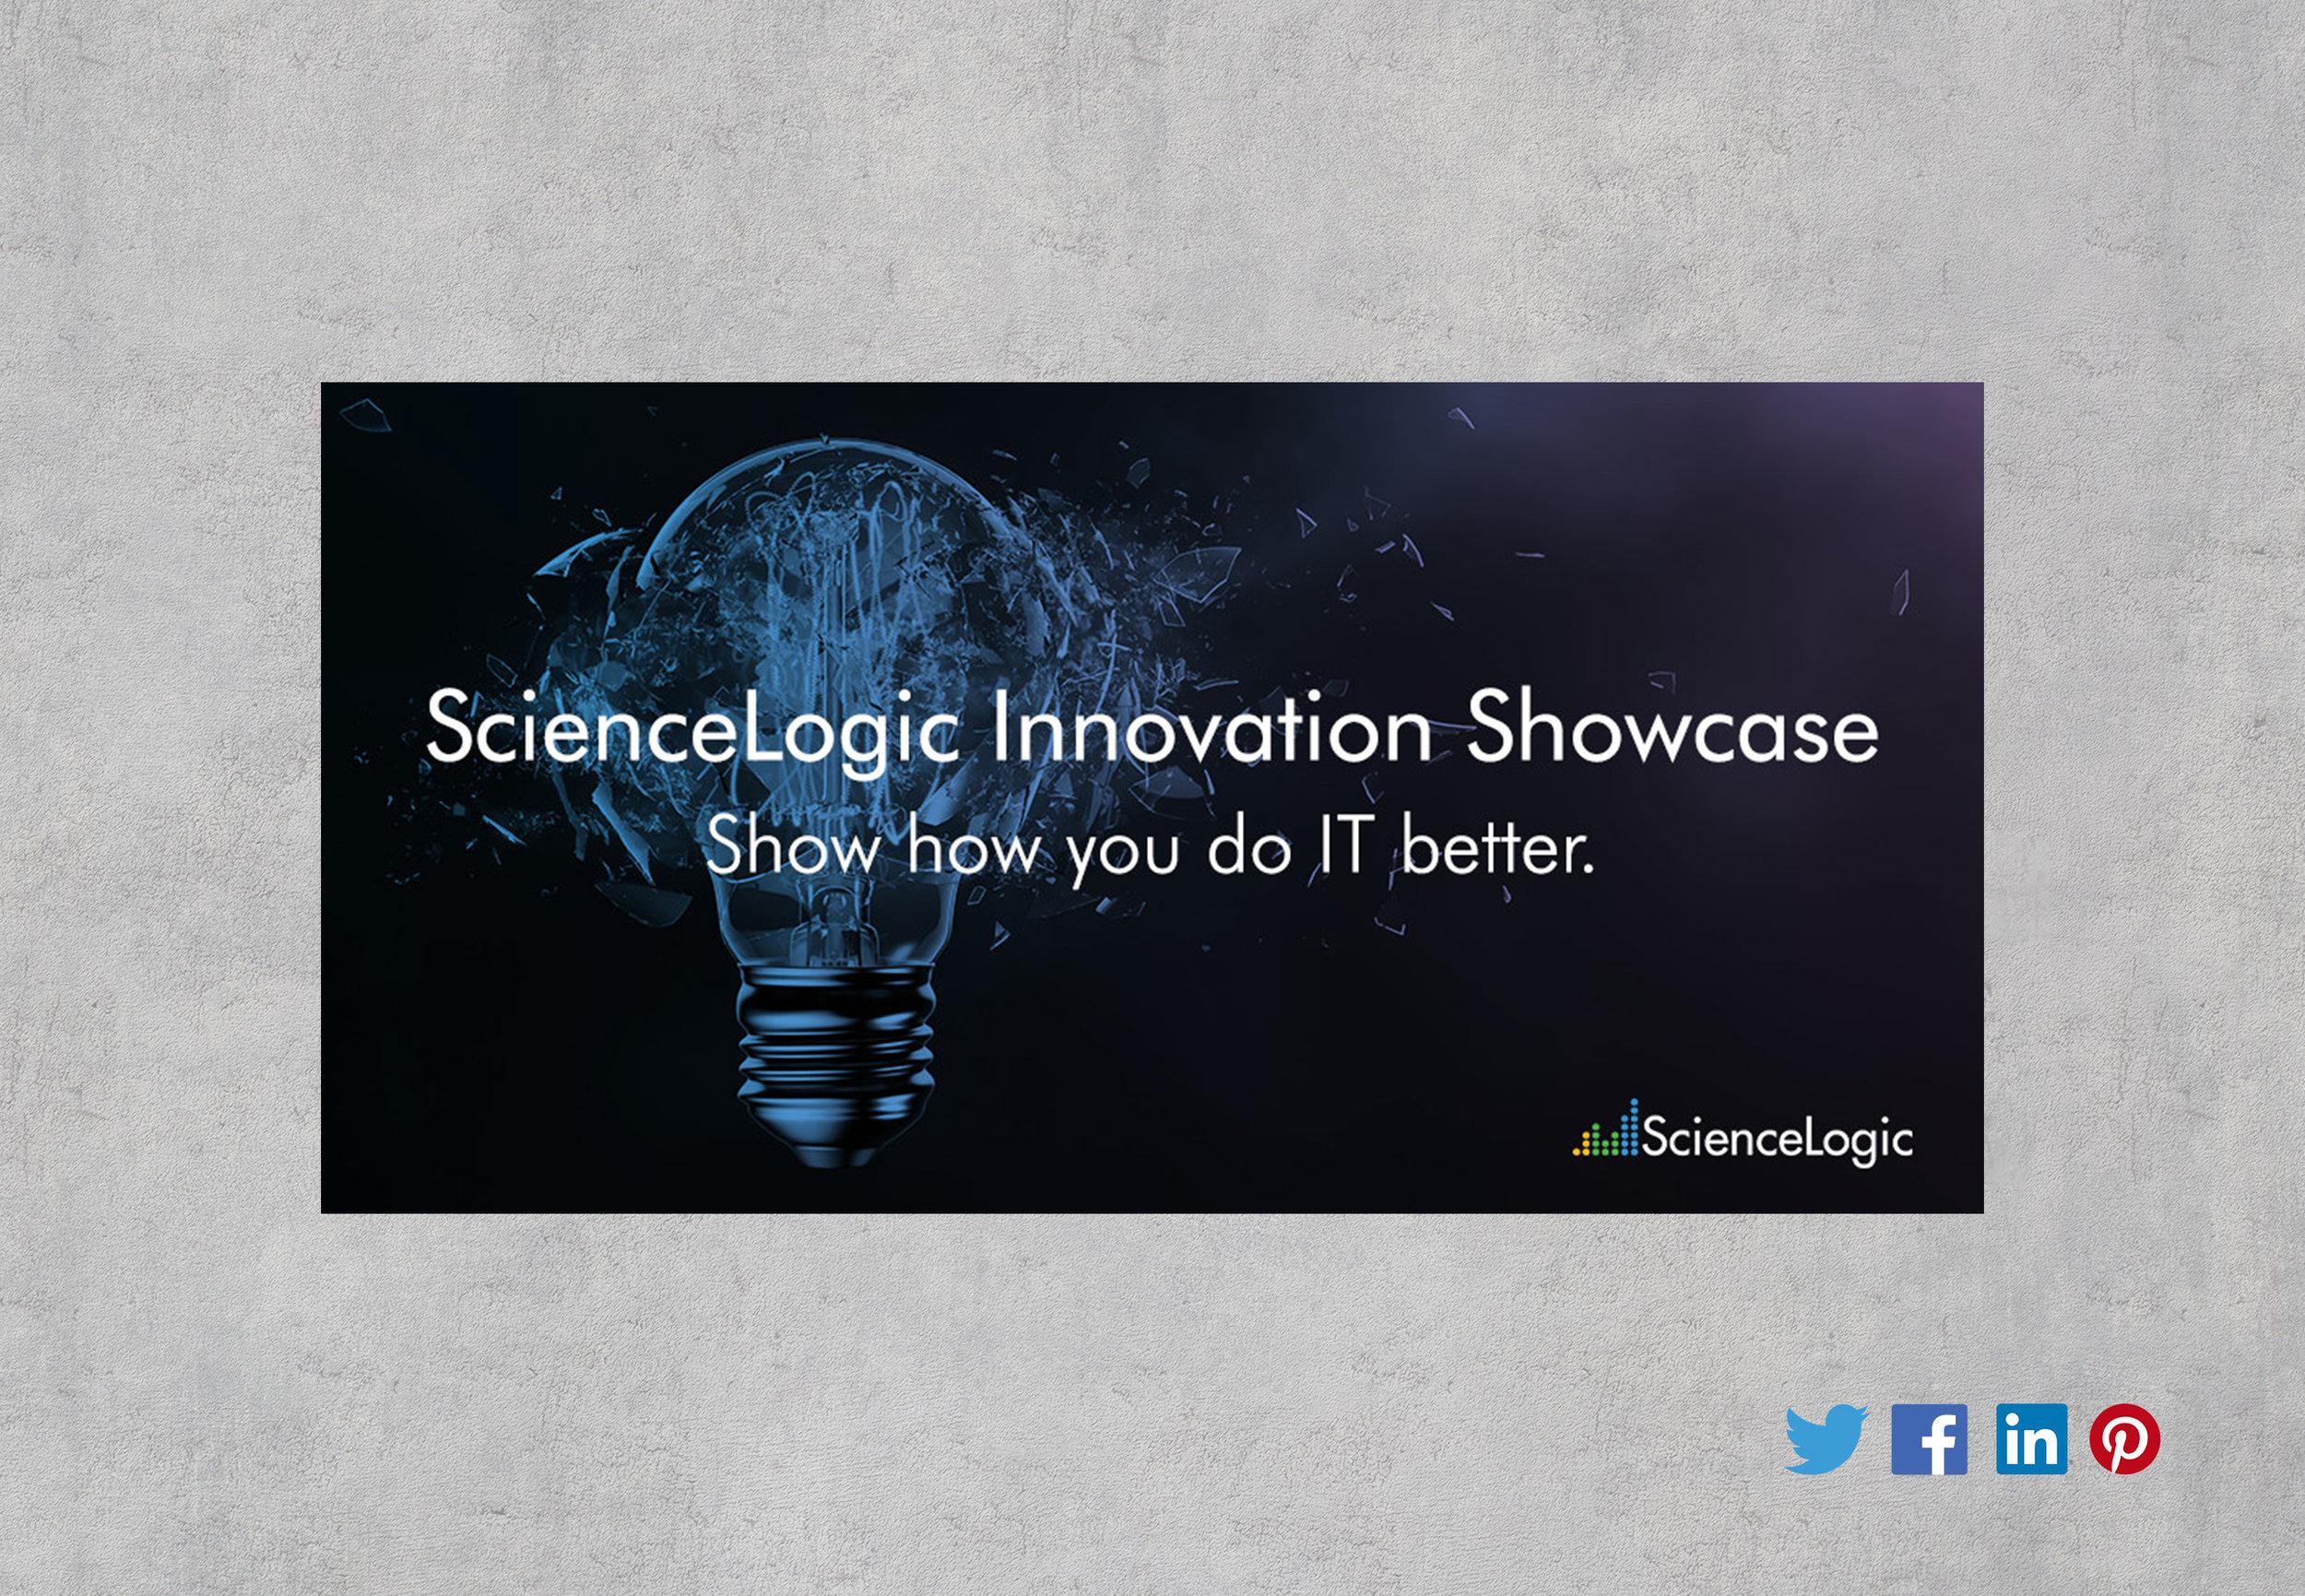 ScienceLogic Twitter/LinkedIn